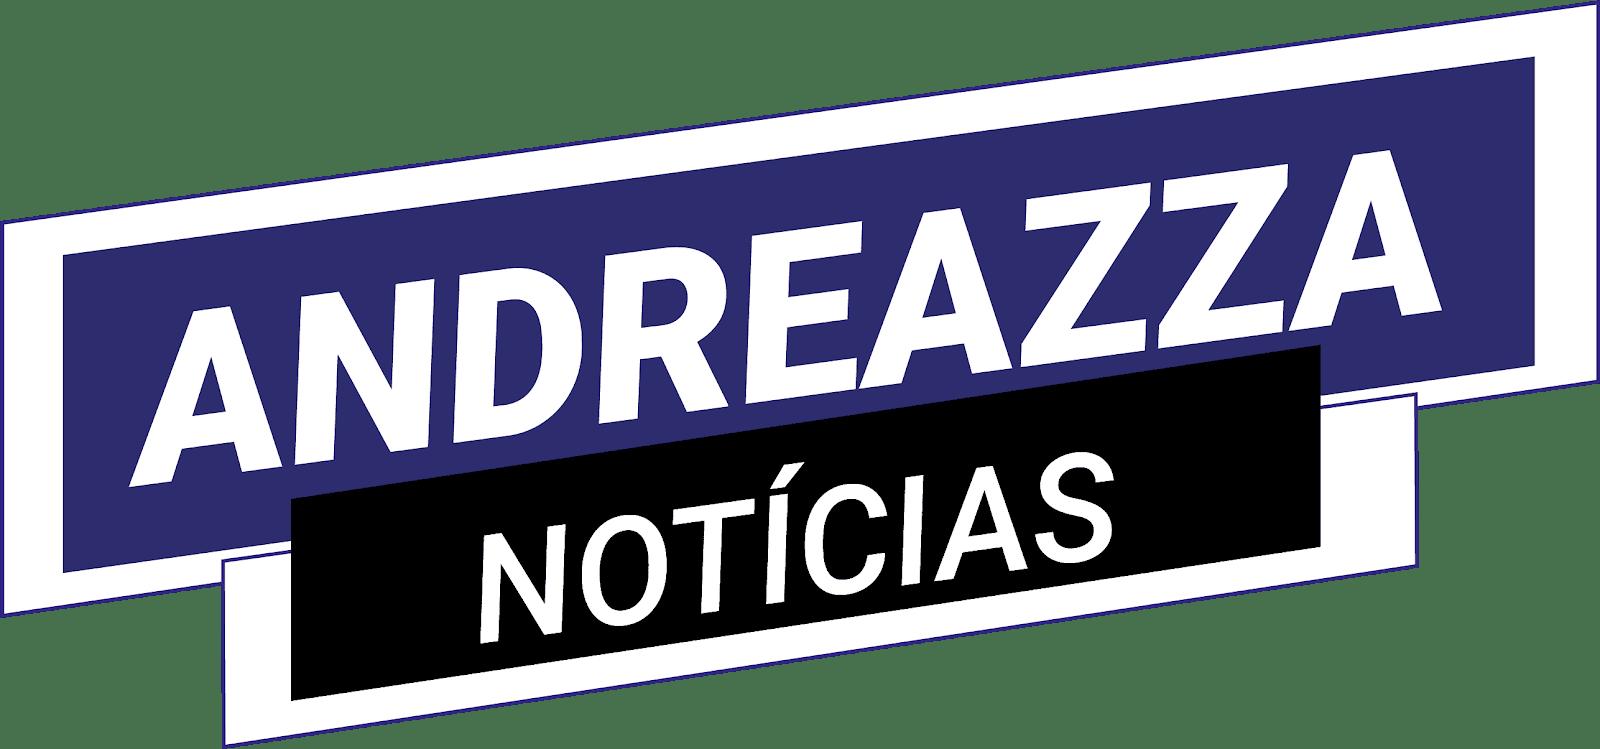 Andreazza Noticia